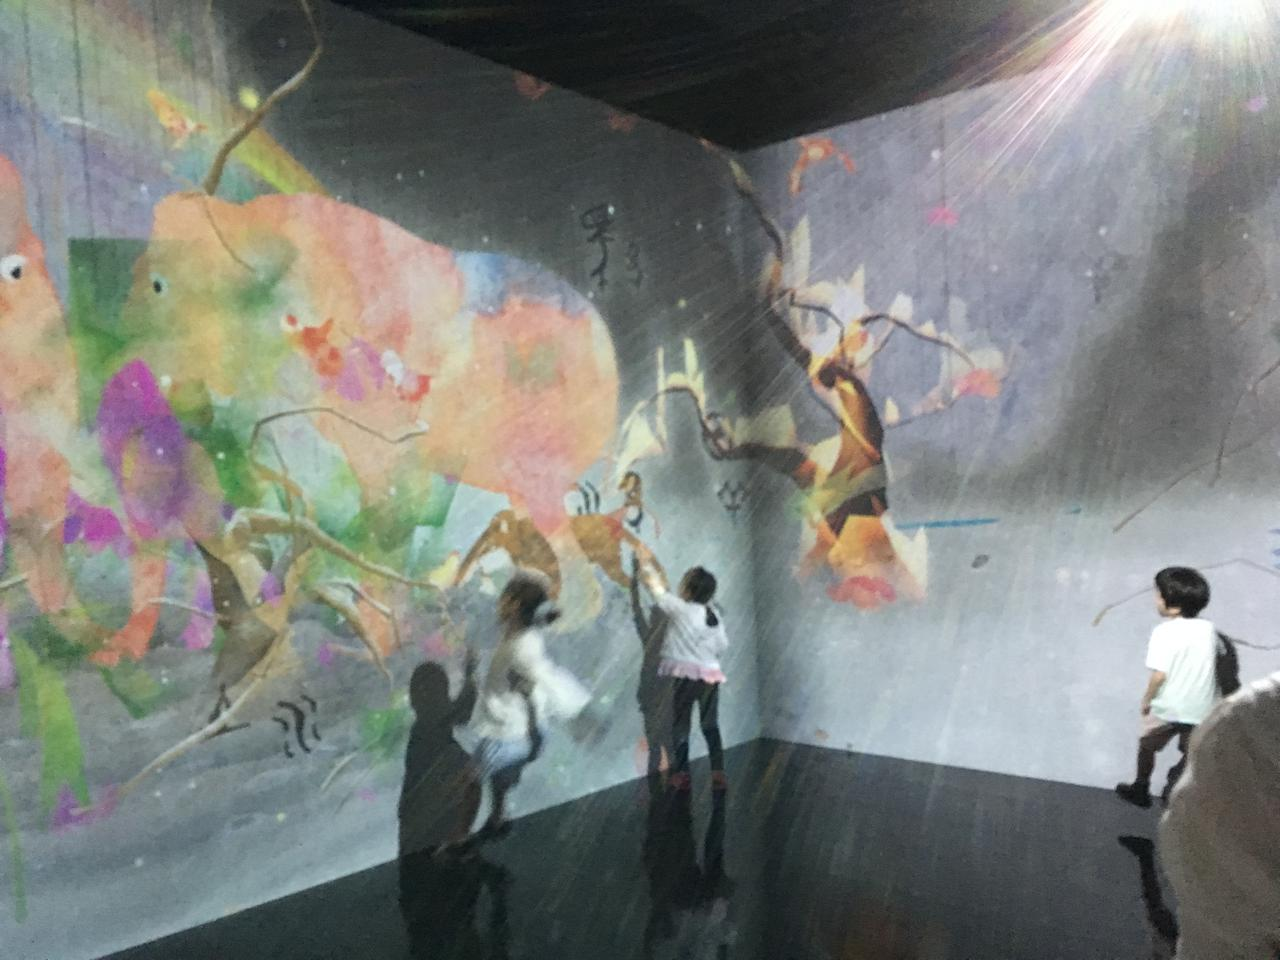 画像2: Sisyu + teamLab, 2013, Interactive Digital Installation, Calligraphy: Sisyu, Sound: Hideaki Takahashi photo©cinefil